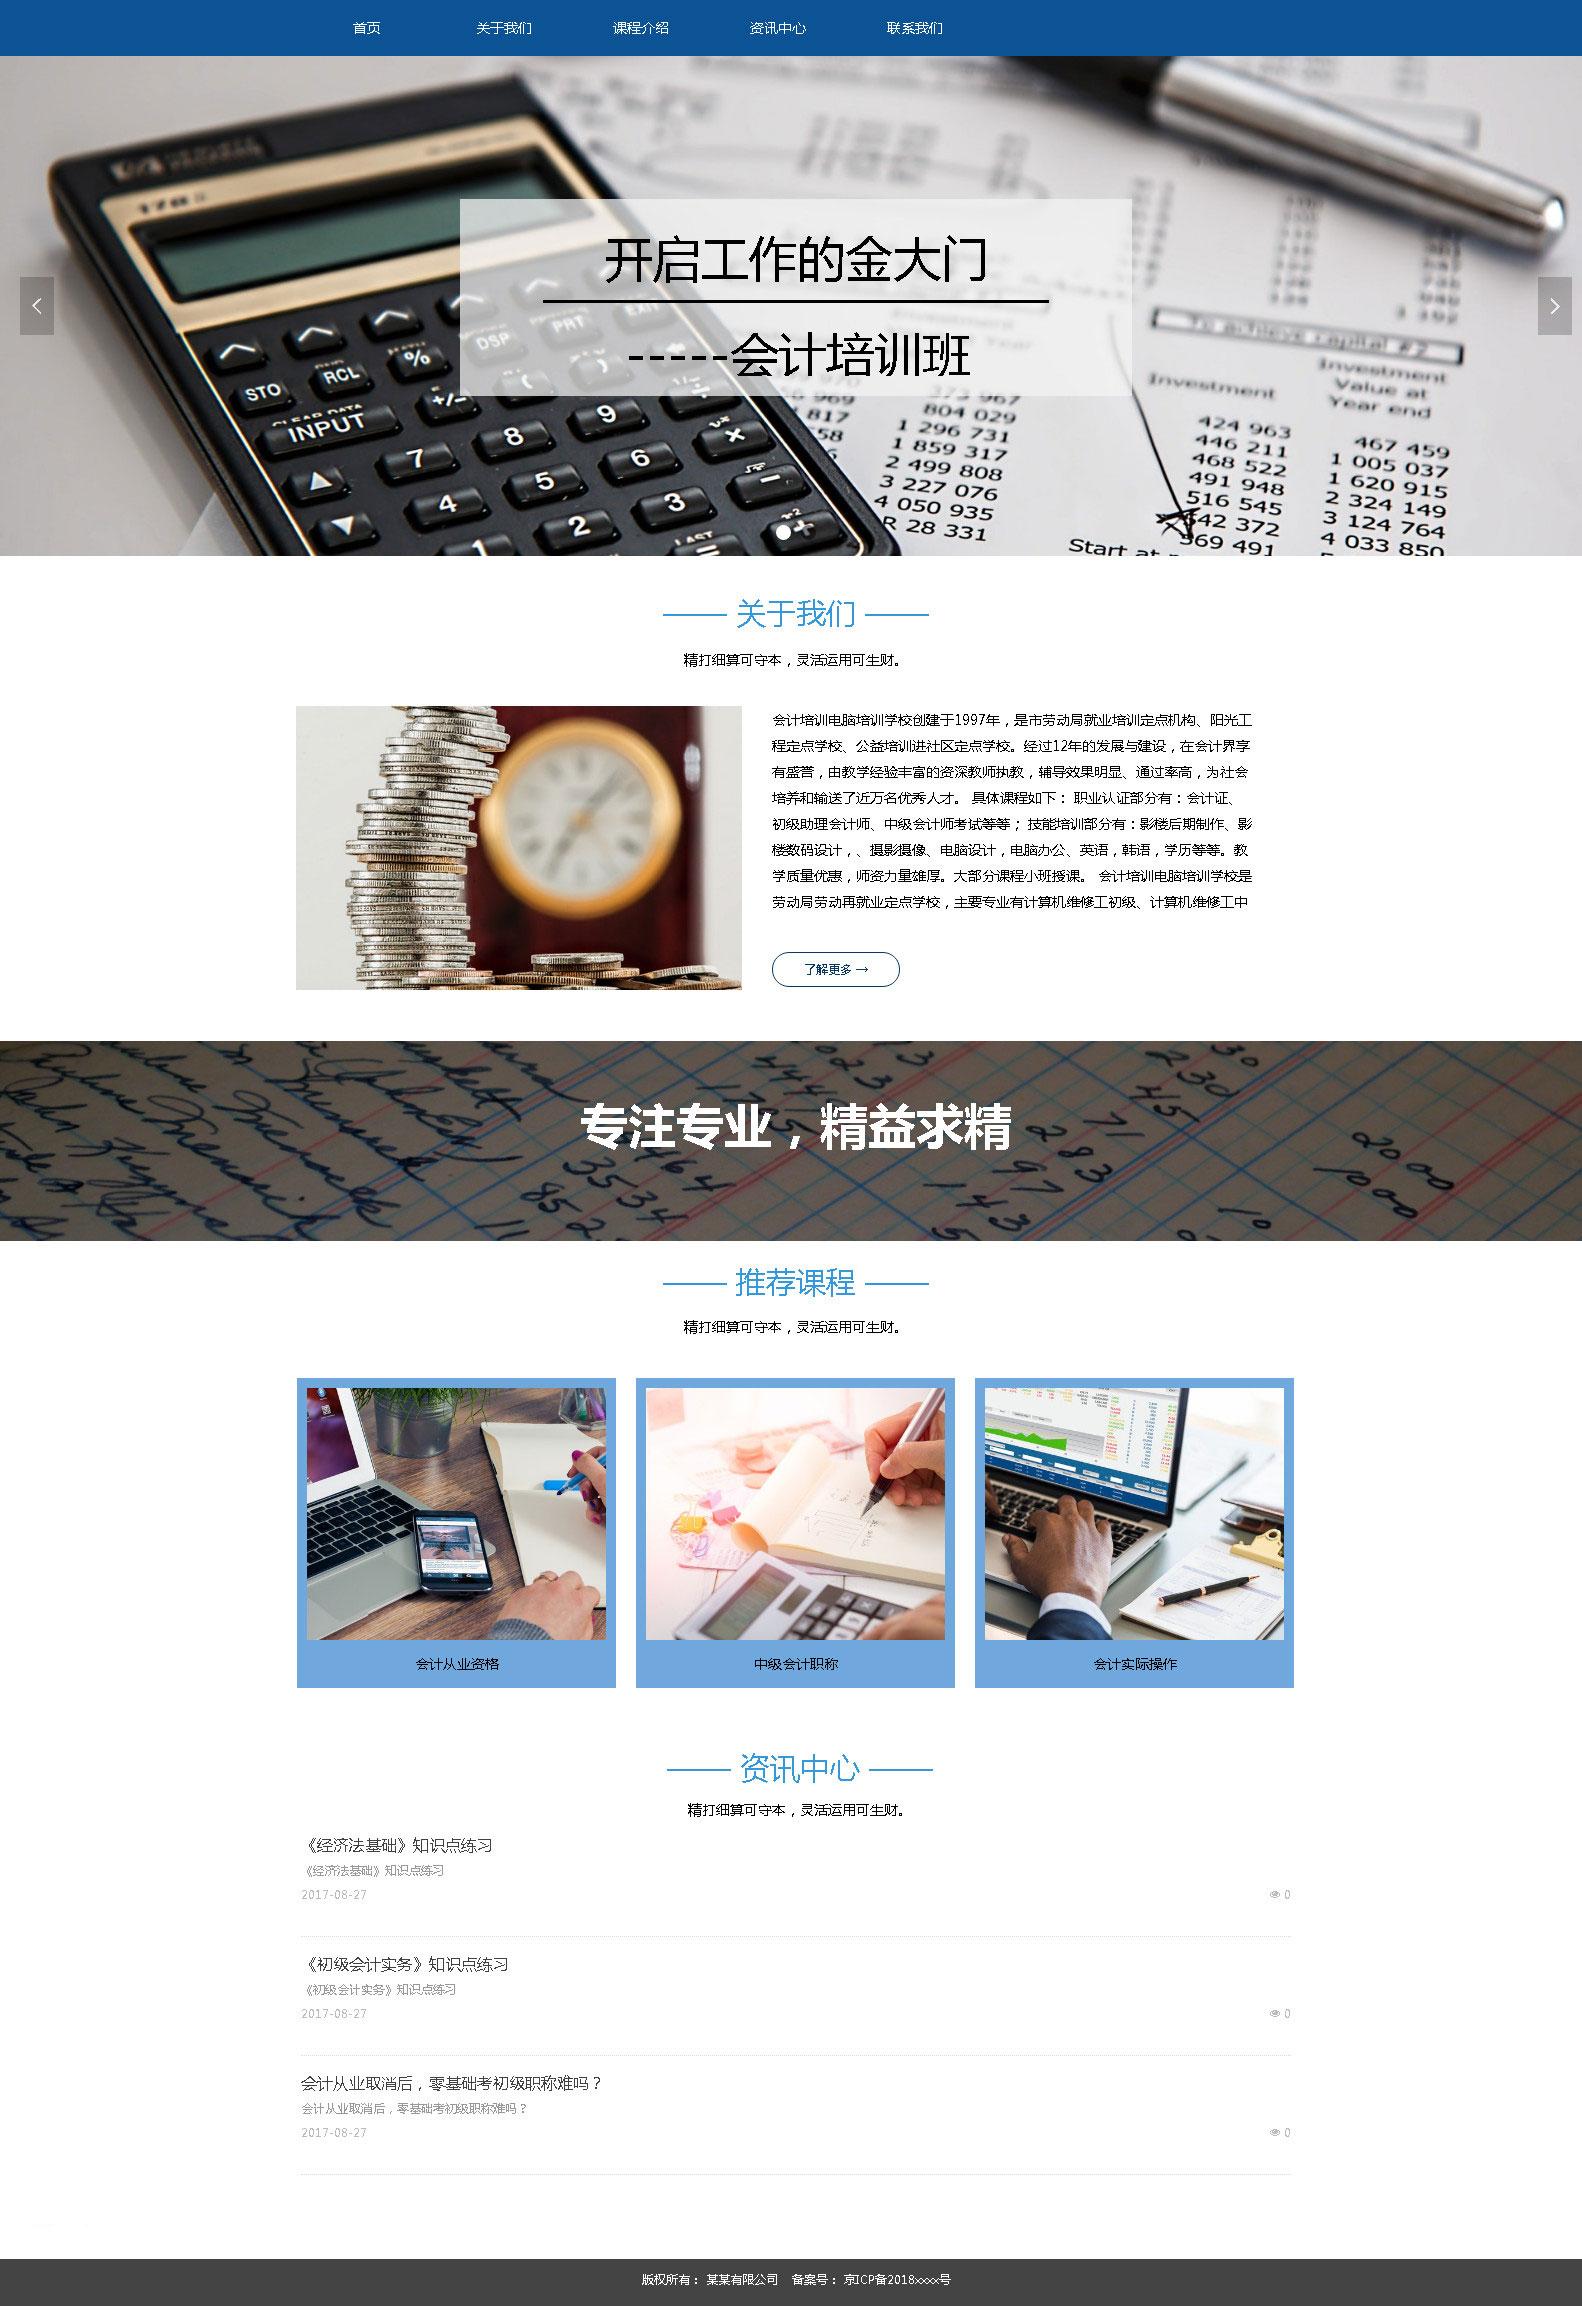 会计培训网站案例UI界面